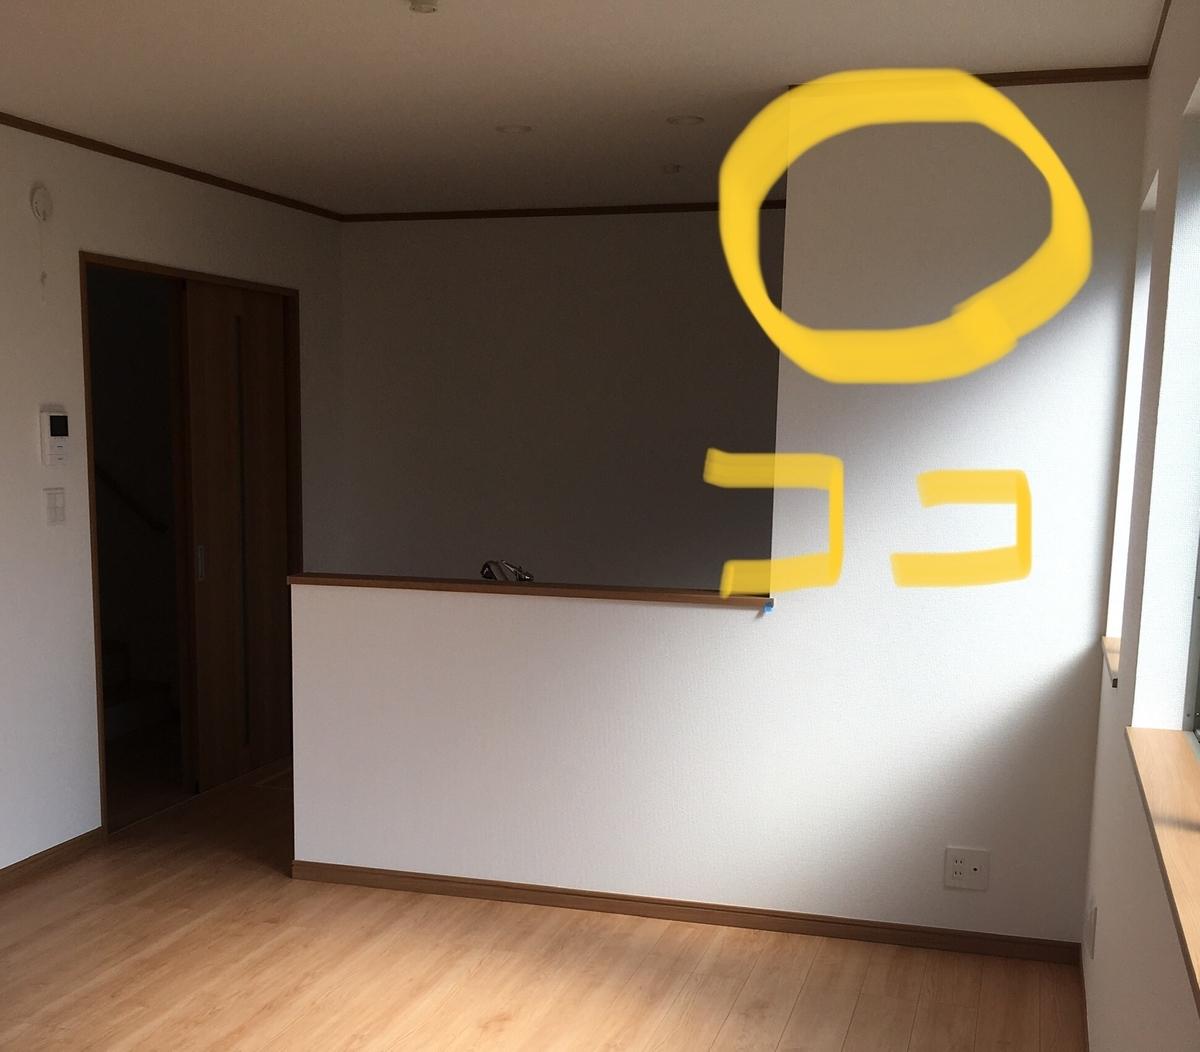 f:id:floorplan:20190419204130j:plain